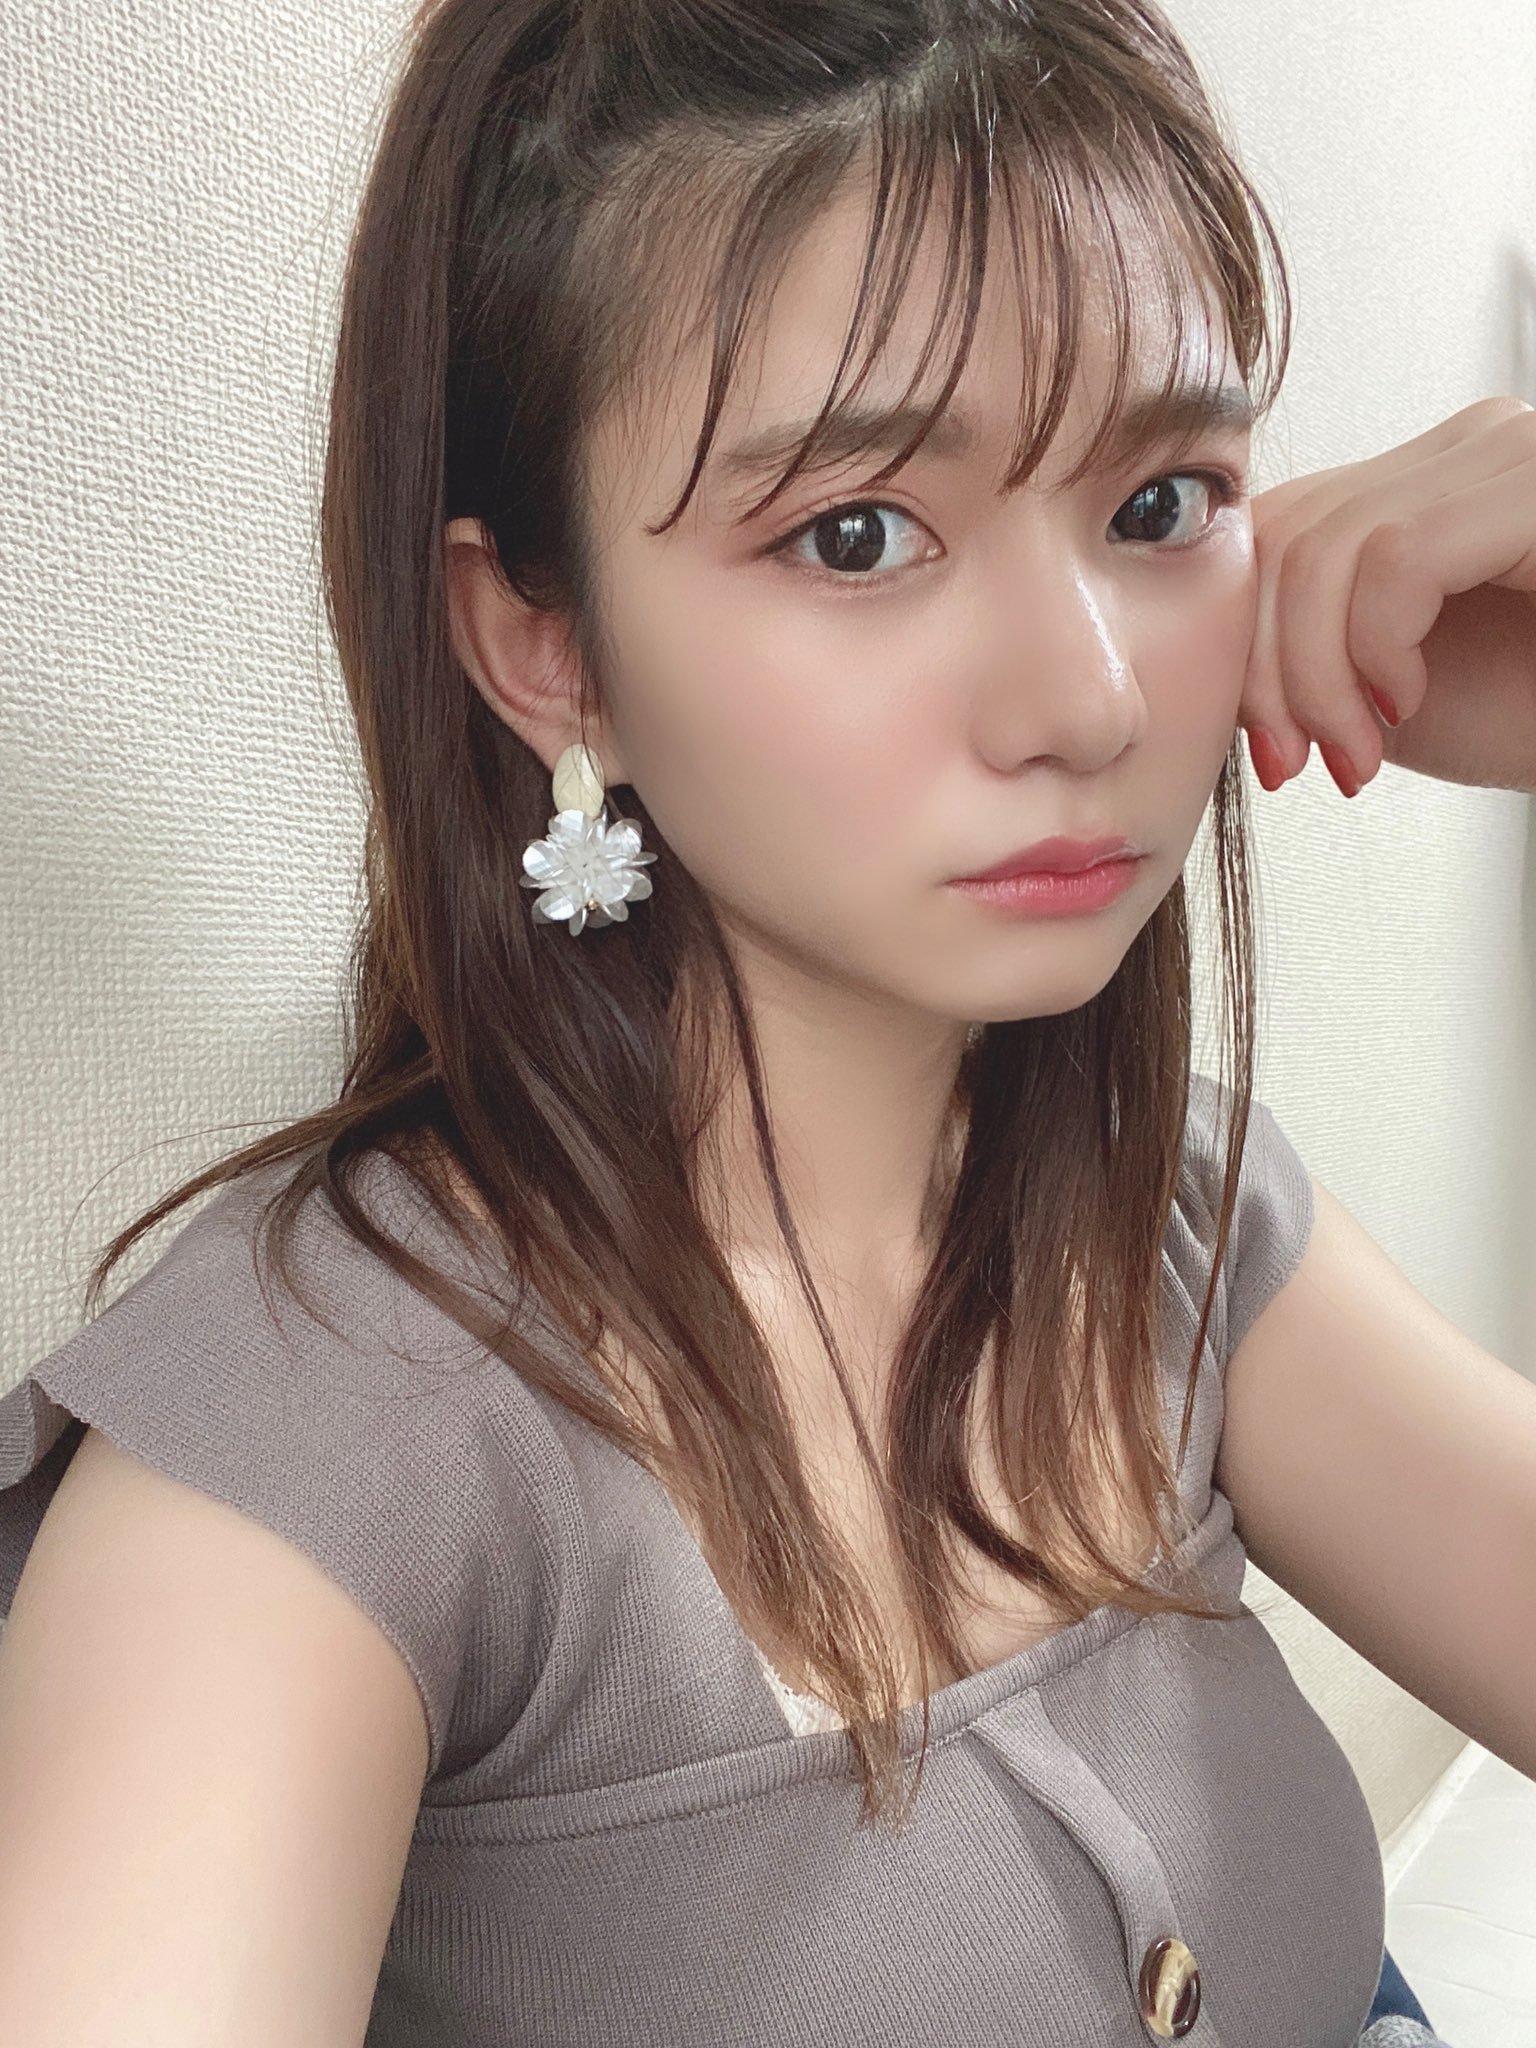 pon_chan216 1276101406777196545_p0